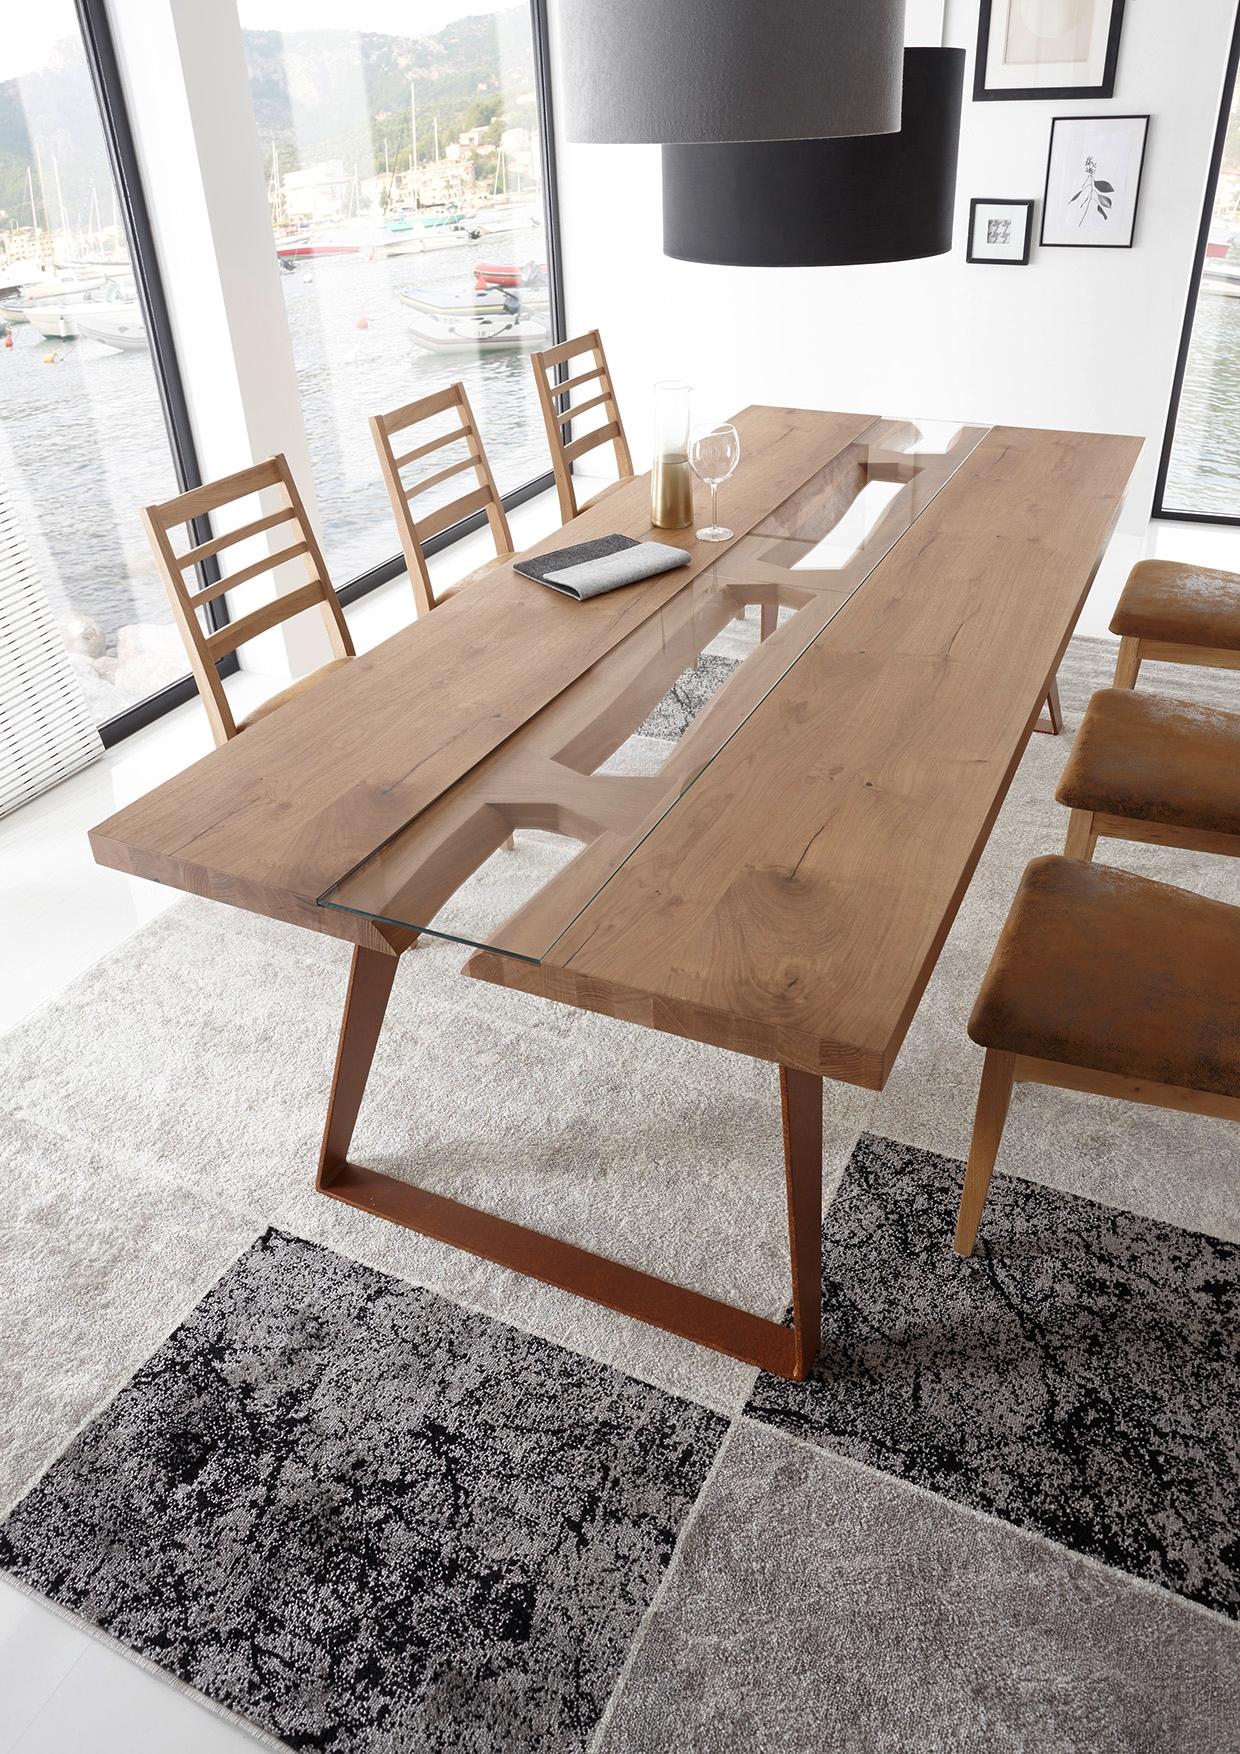 Tavolo in legno massello e gambe in metallo tavoli a prezzi scontati - Tavolo legno massello ...